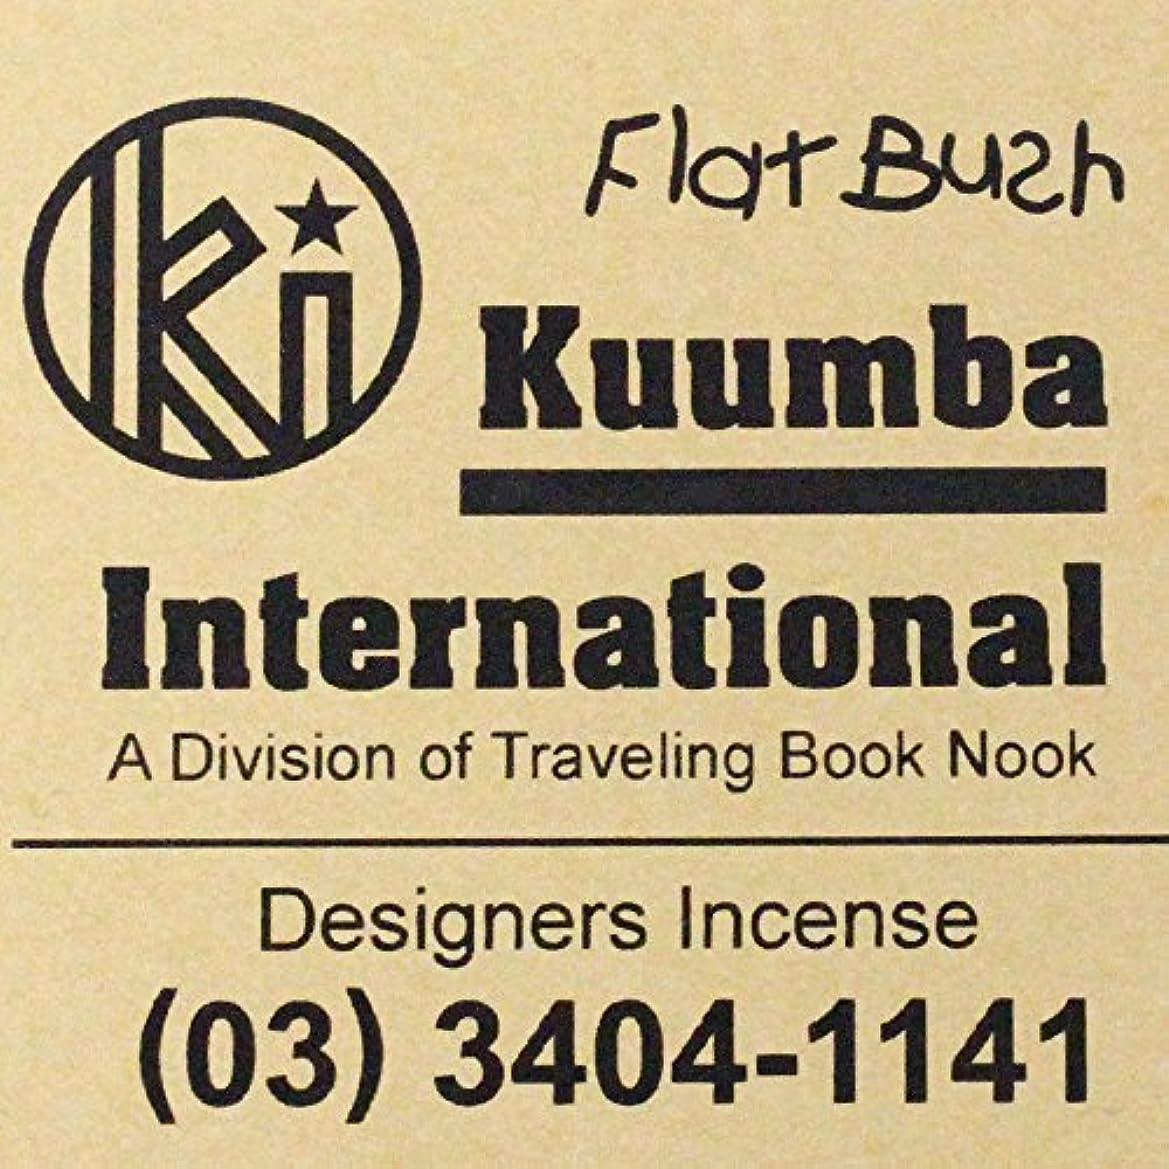 最小化するステレオ自分のために(クンバ) KUUMBA『incense』(Flat Bush) (Regular size)